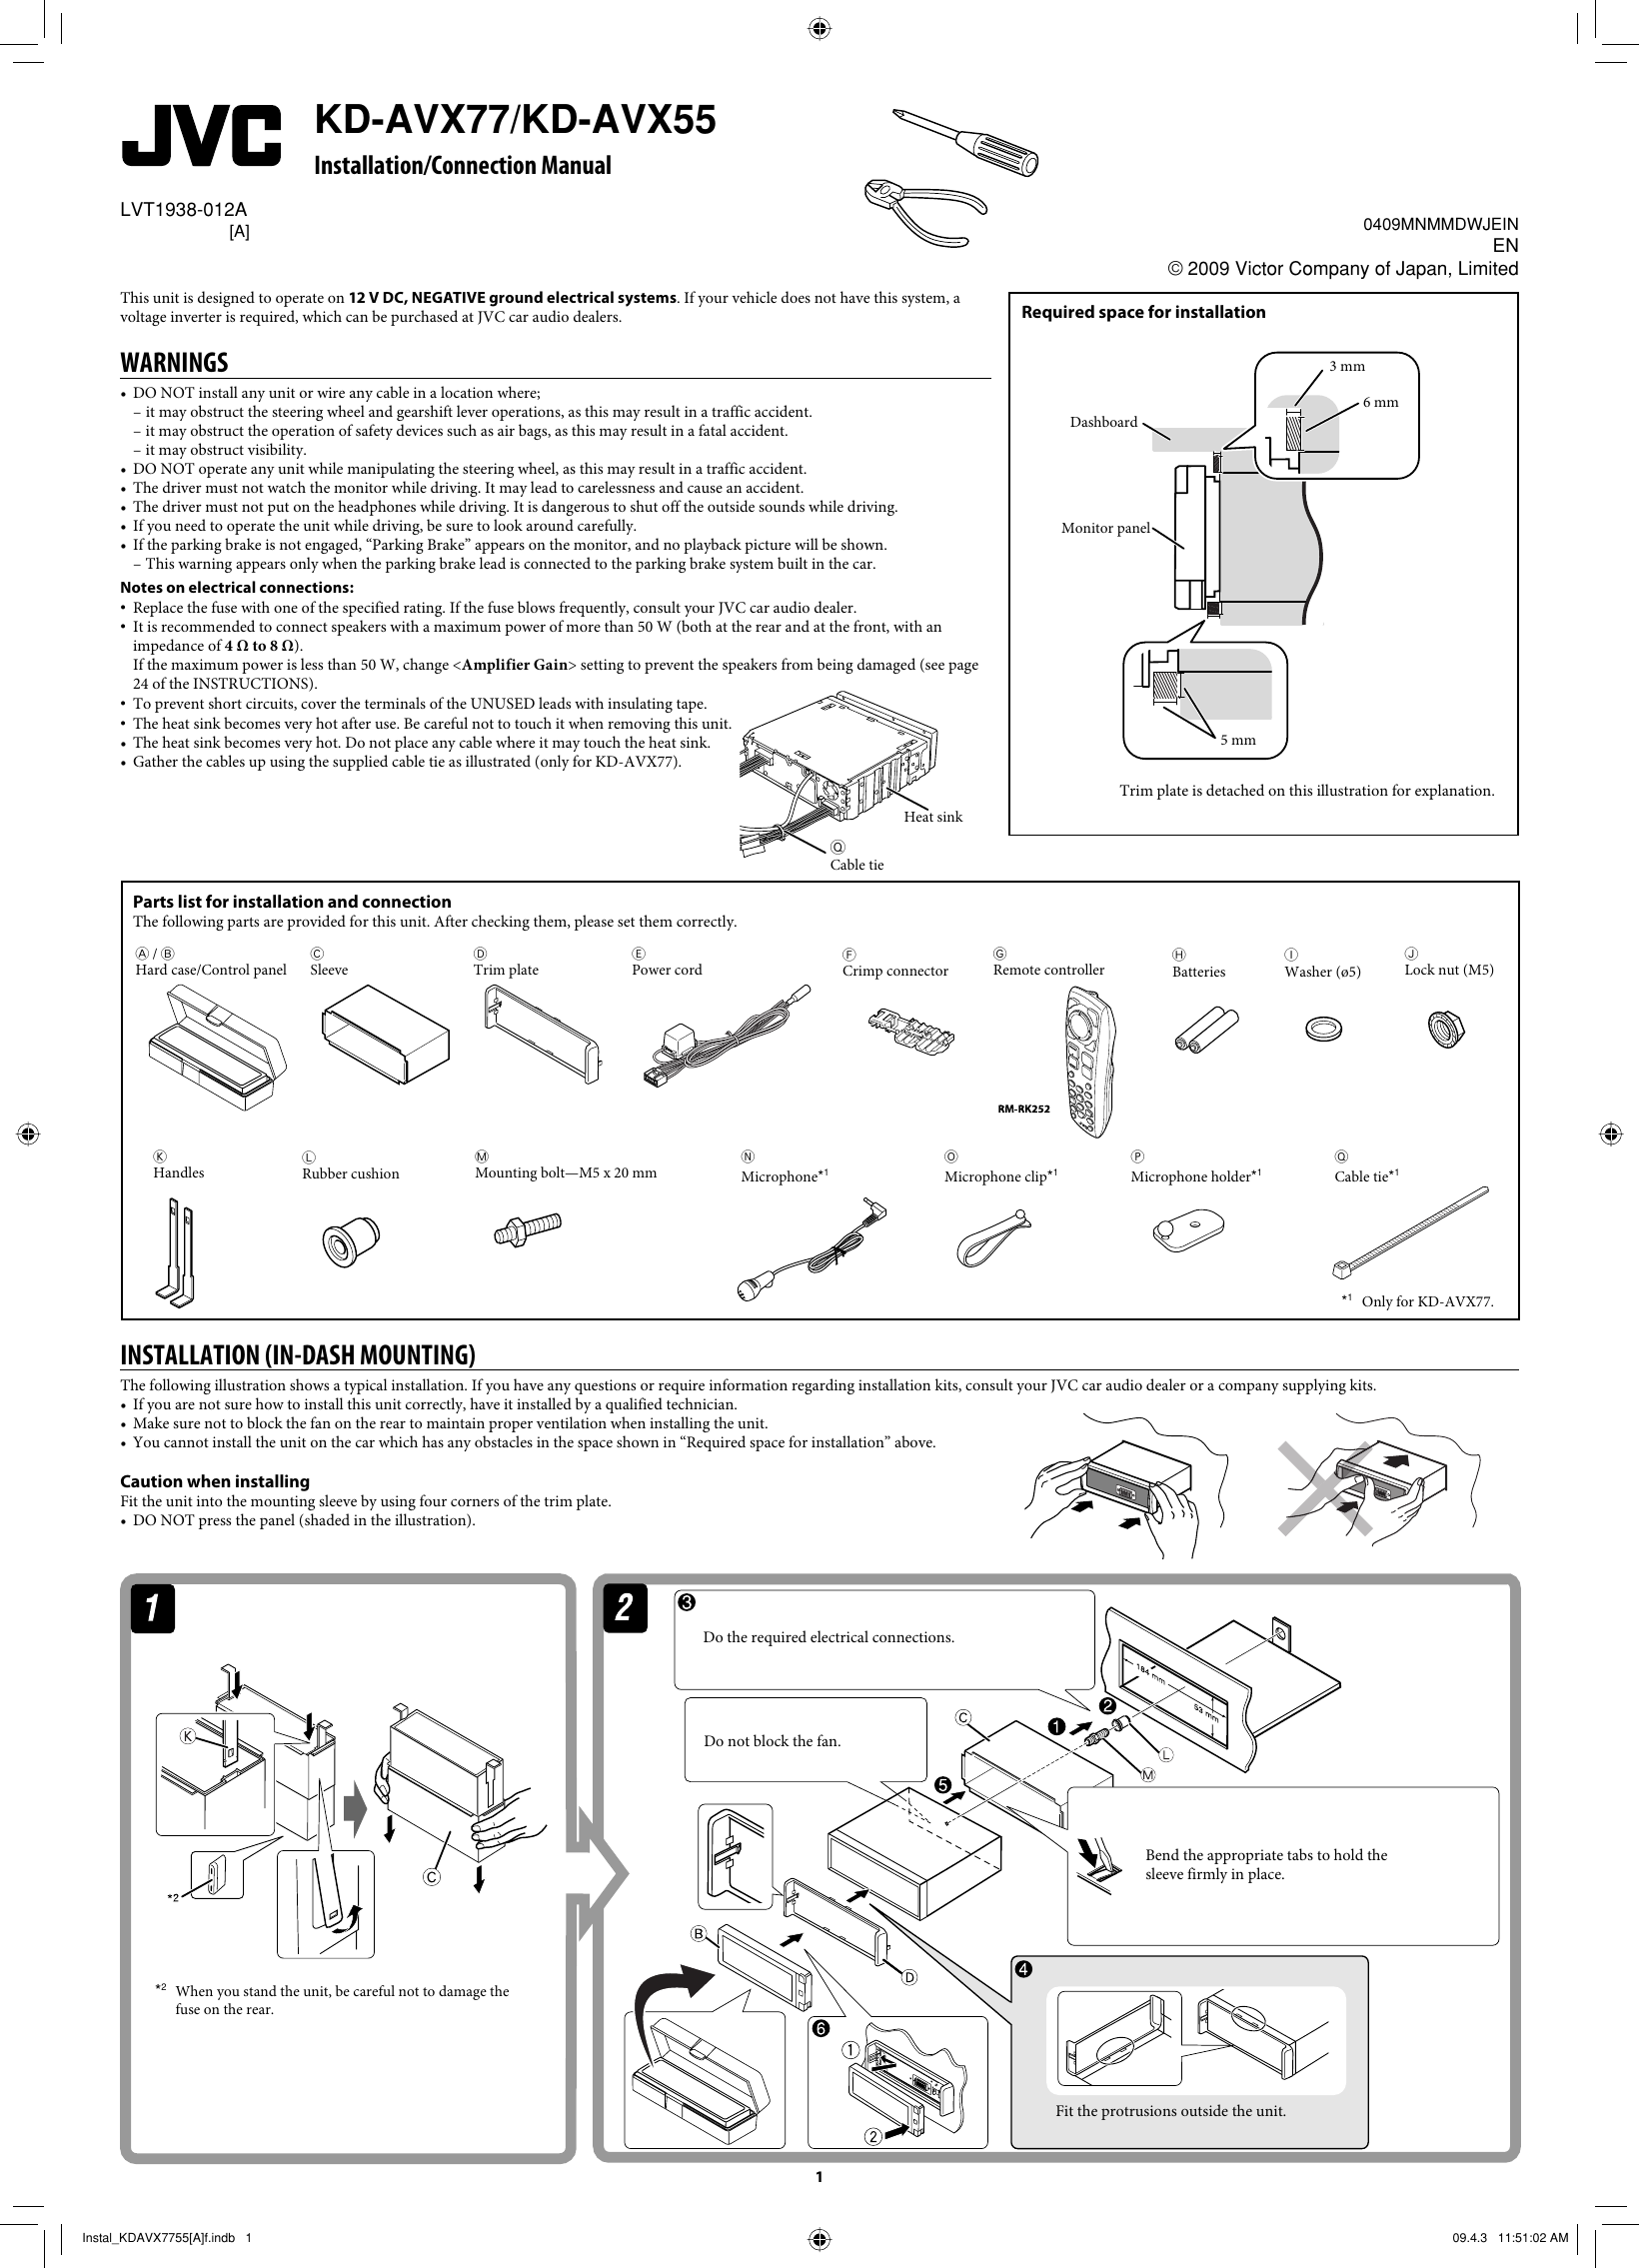 [DIAGRAM_3US]  JVC KD AVX55A AVX77/KD AVX55 User Manual AVX55A, AVX77A LVT1938 012A | Jvc Kd Avx77 Wiring Diagram |  | UserManual.wiki